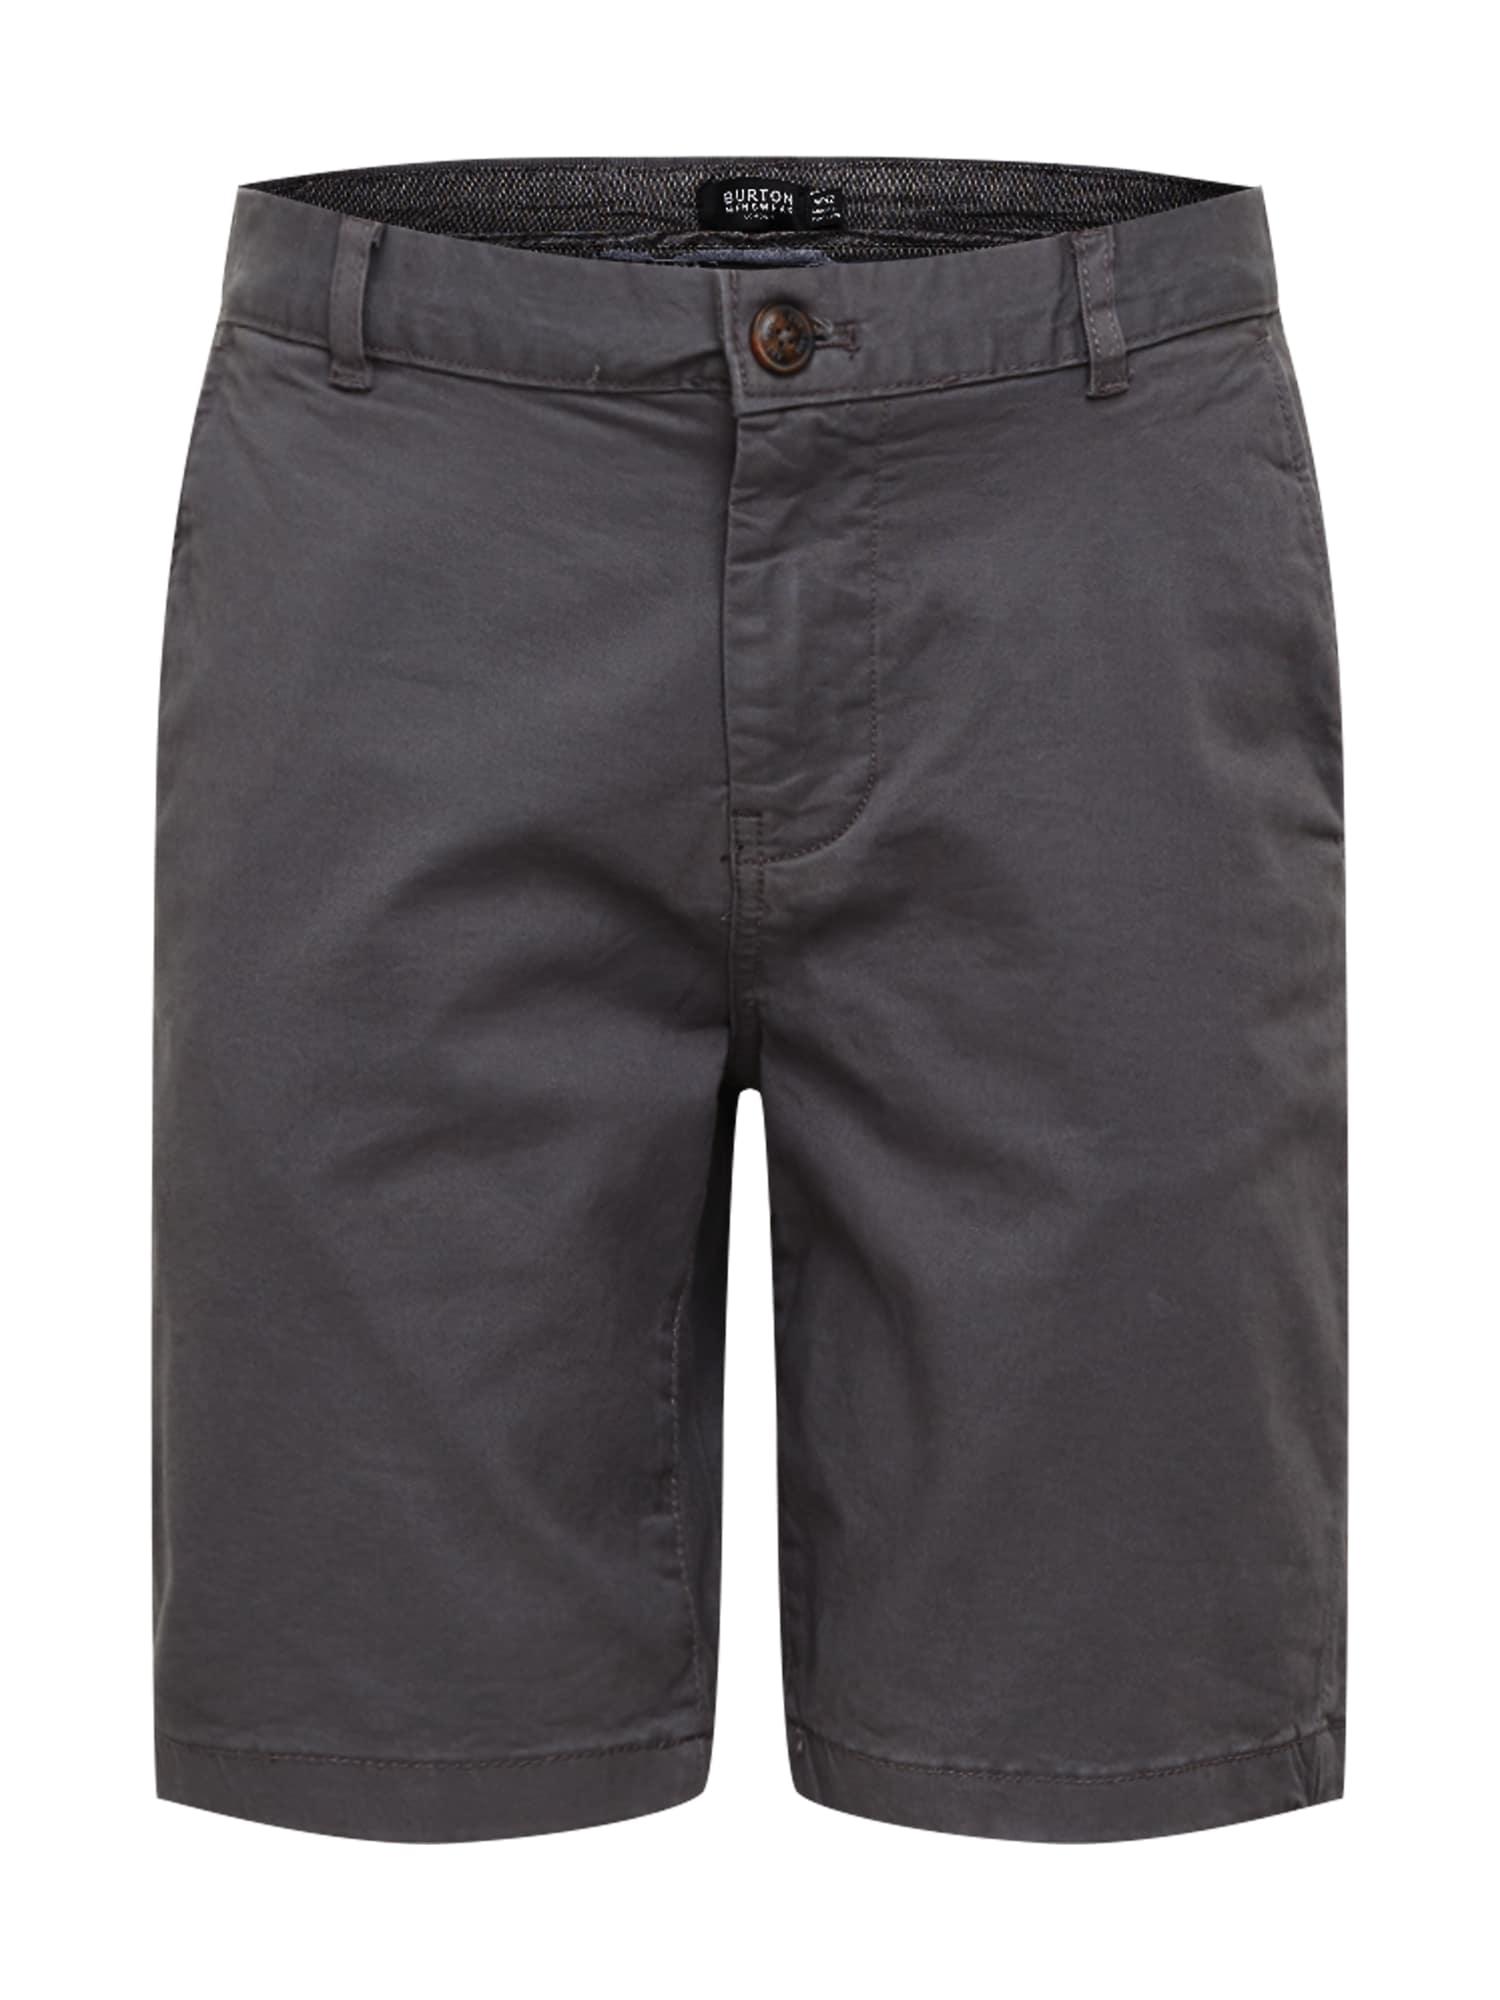 BURTON MENSWEAR LONDON Chino stiliaus kelnės pilka